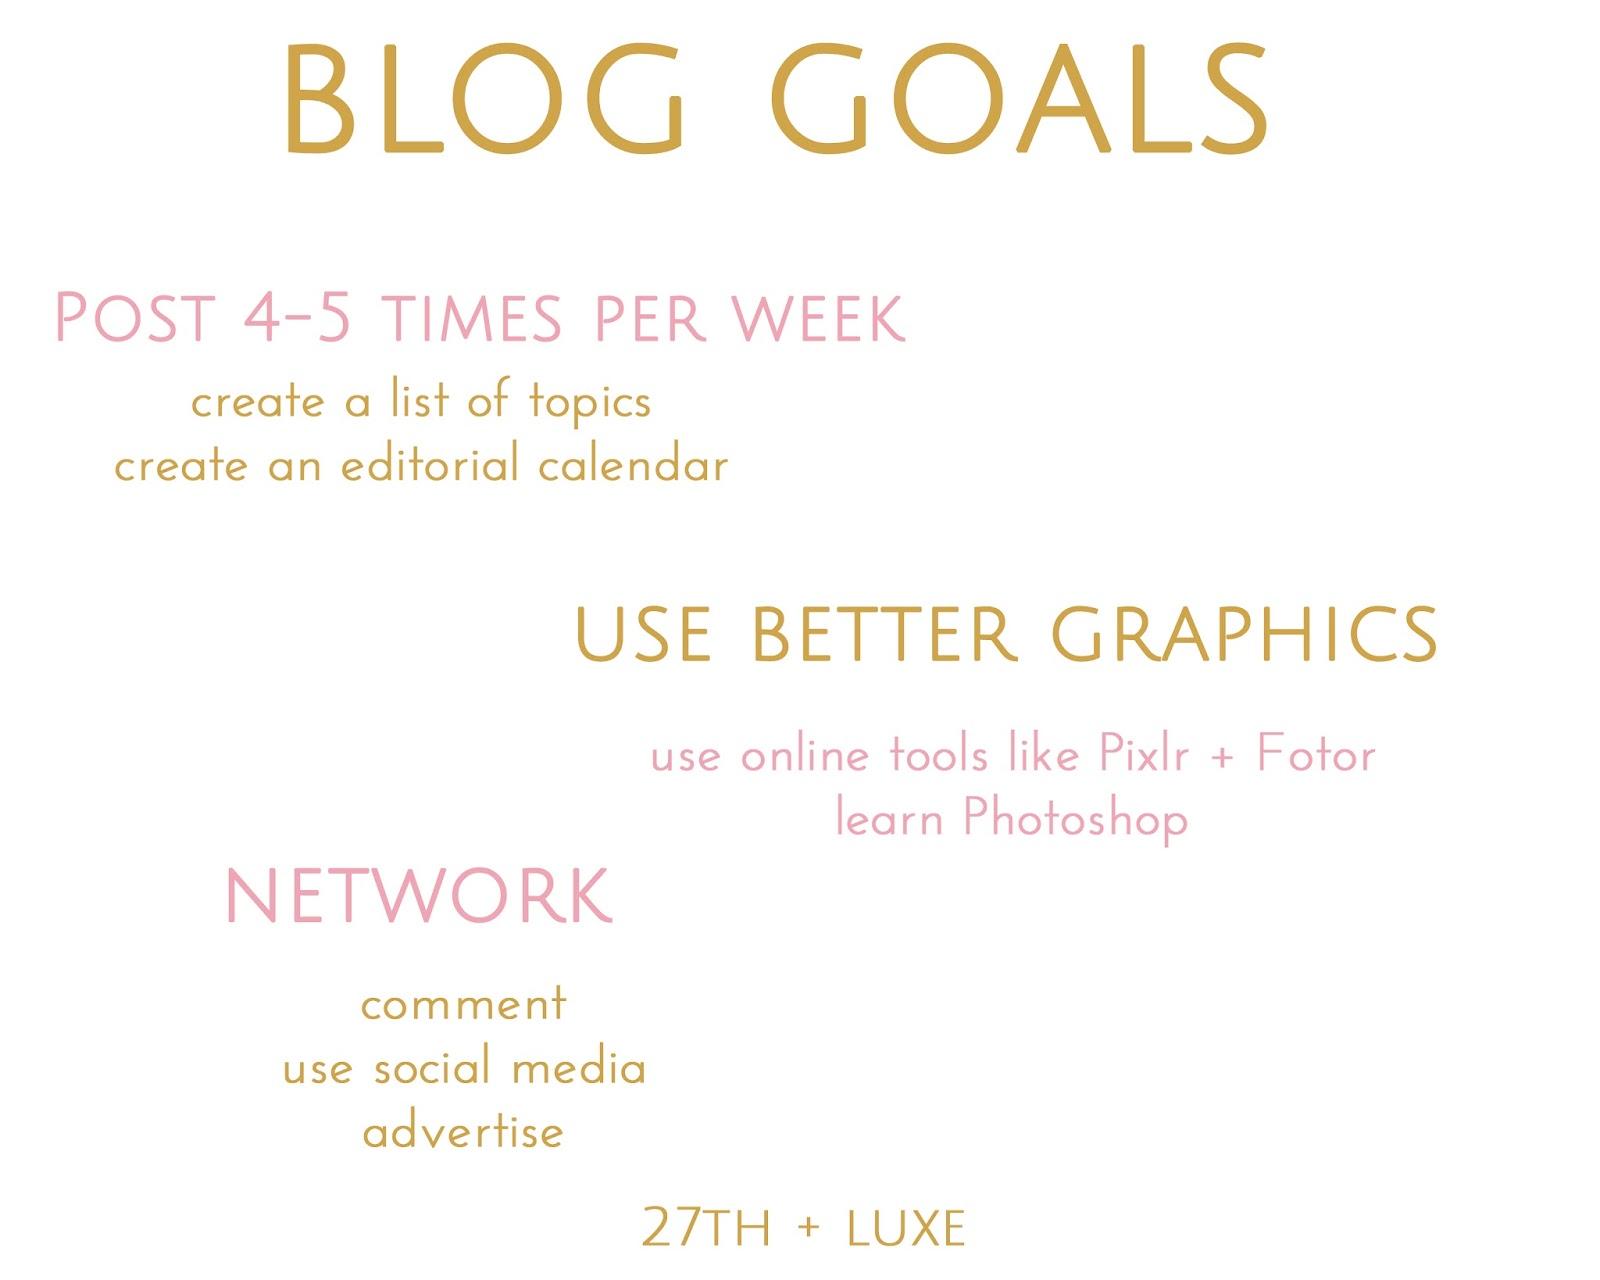 blog-goals